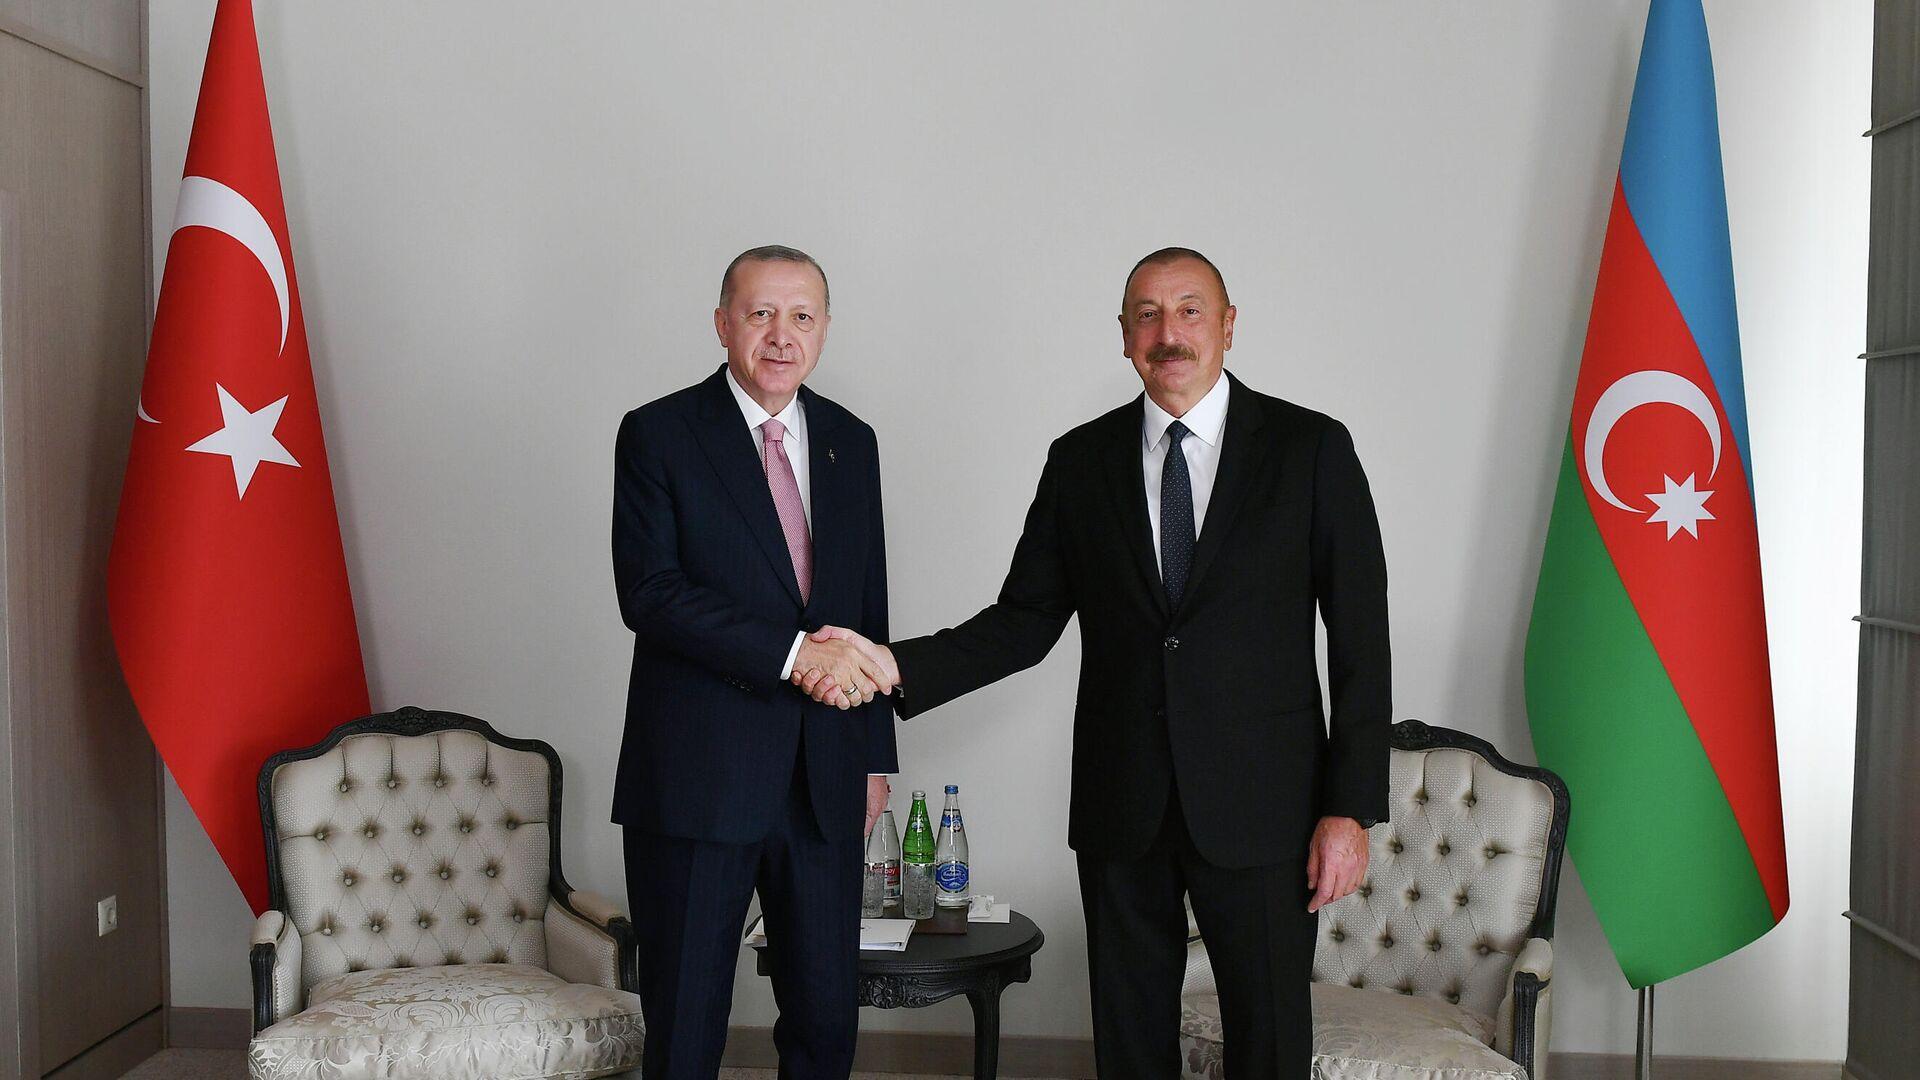 Президент Турции Реджеп Тайип Эрдоган  и президент Азербайджана Ильхам Алиев во время встречи в Шуше - РИА Новости, 1920, 15.06.2021